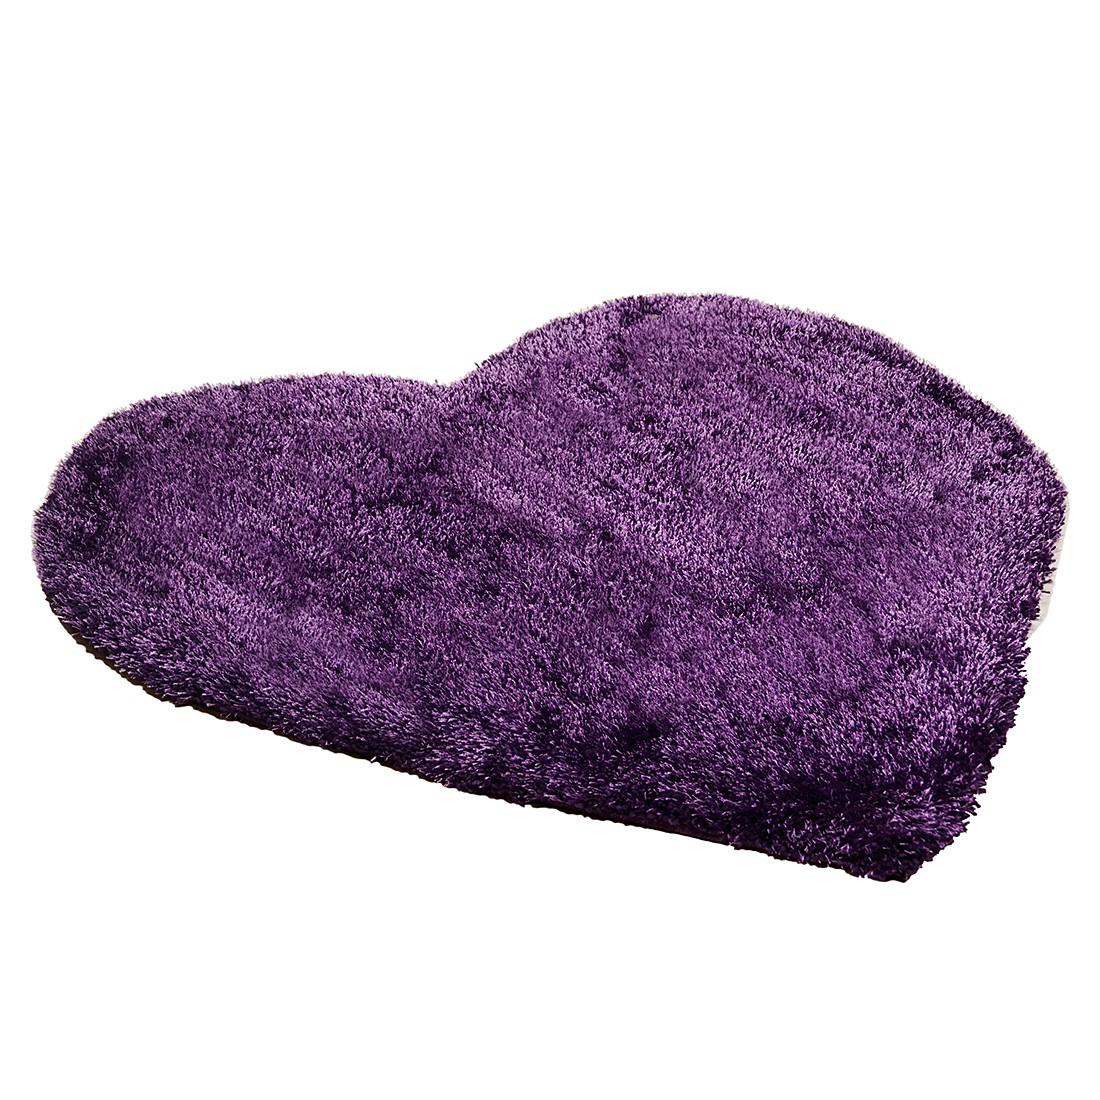 Teppich Violett Preisvergleich • Die besten Angebote